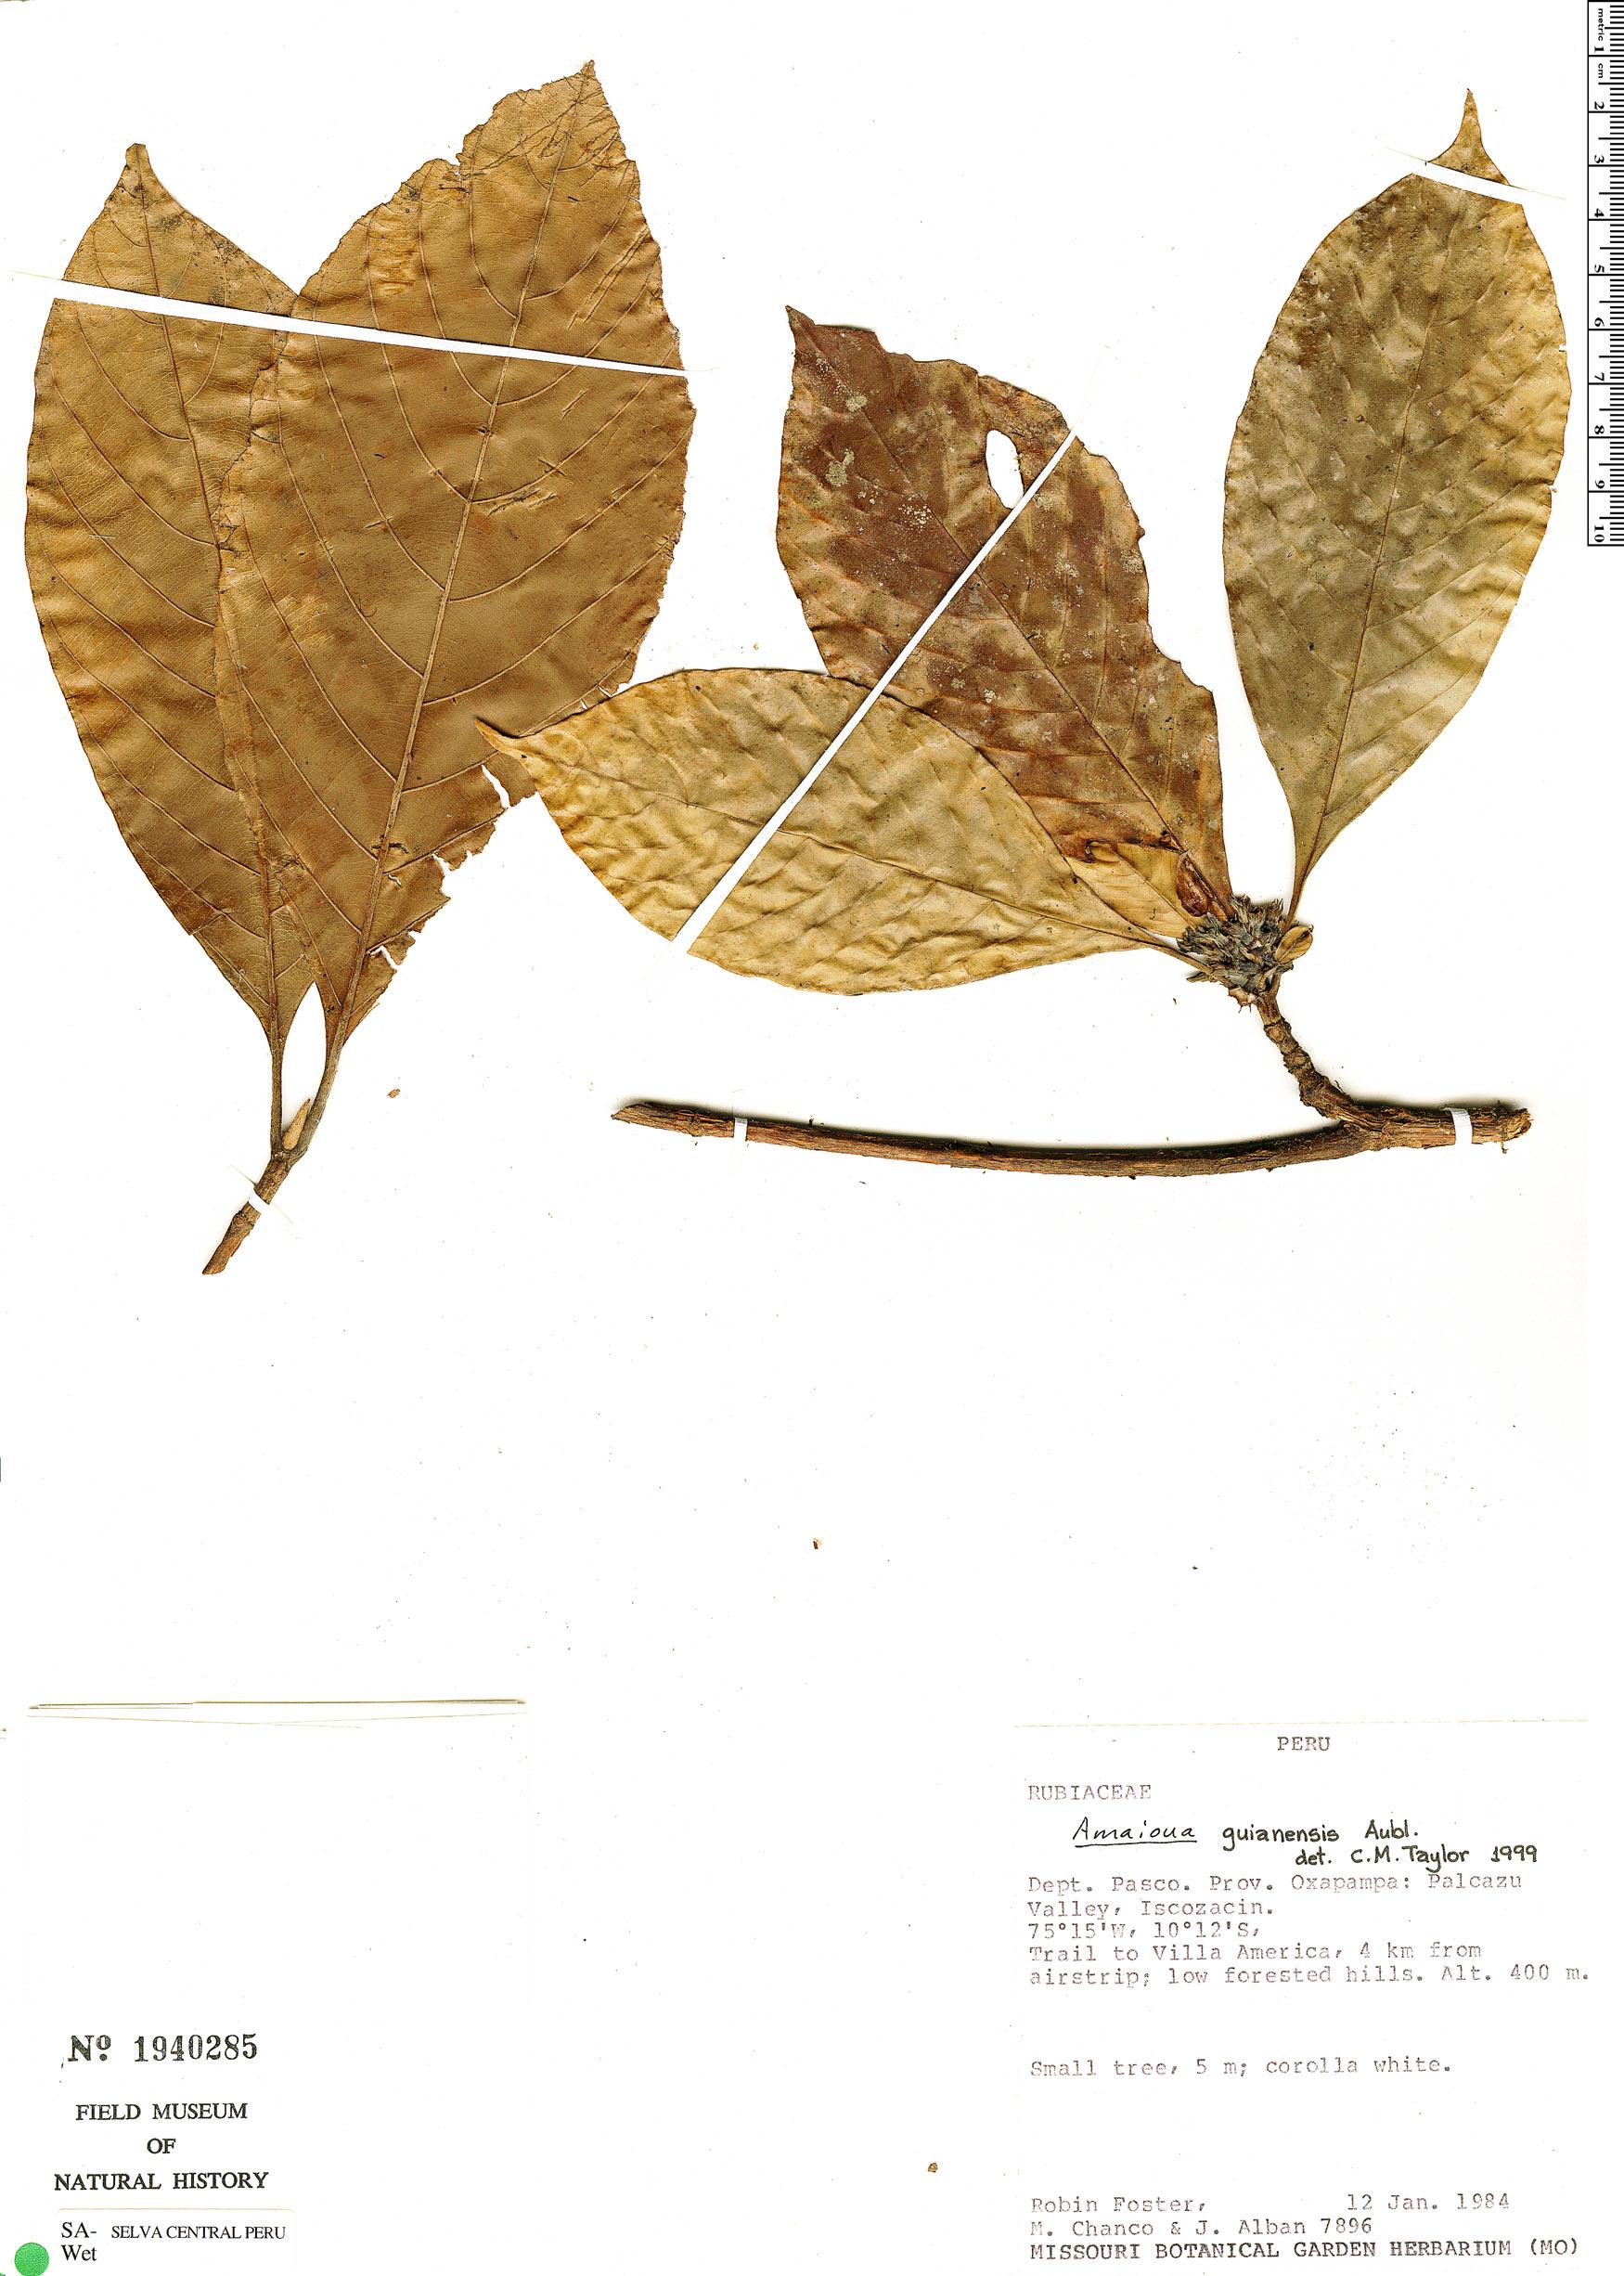 Specimen: Amaioua guianensis